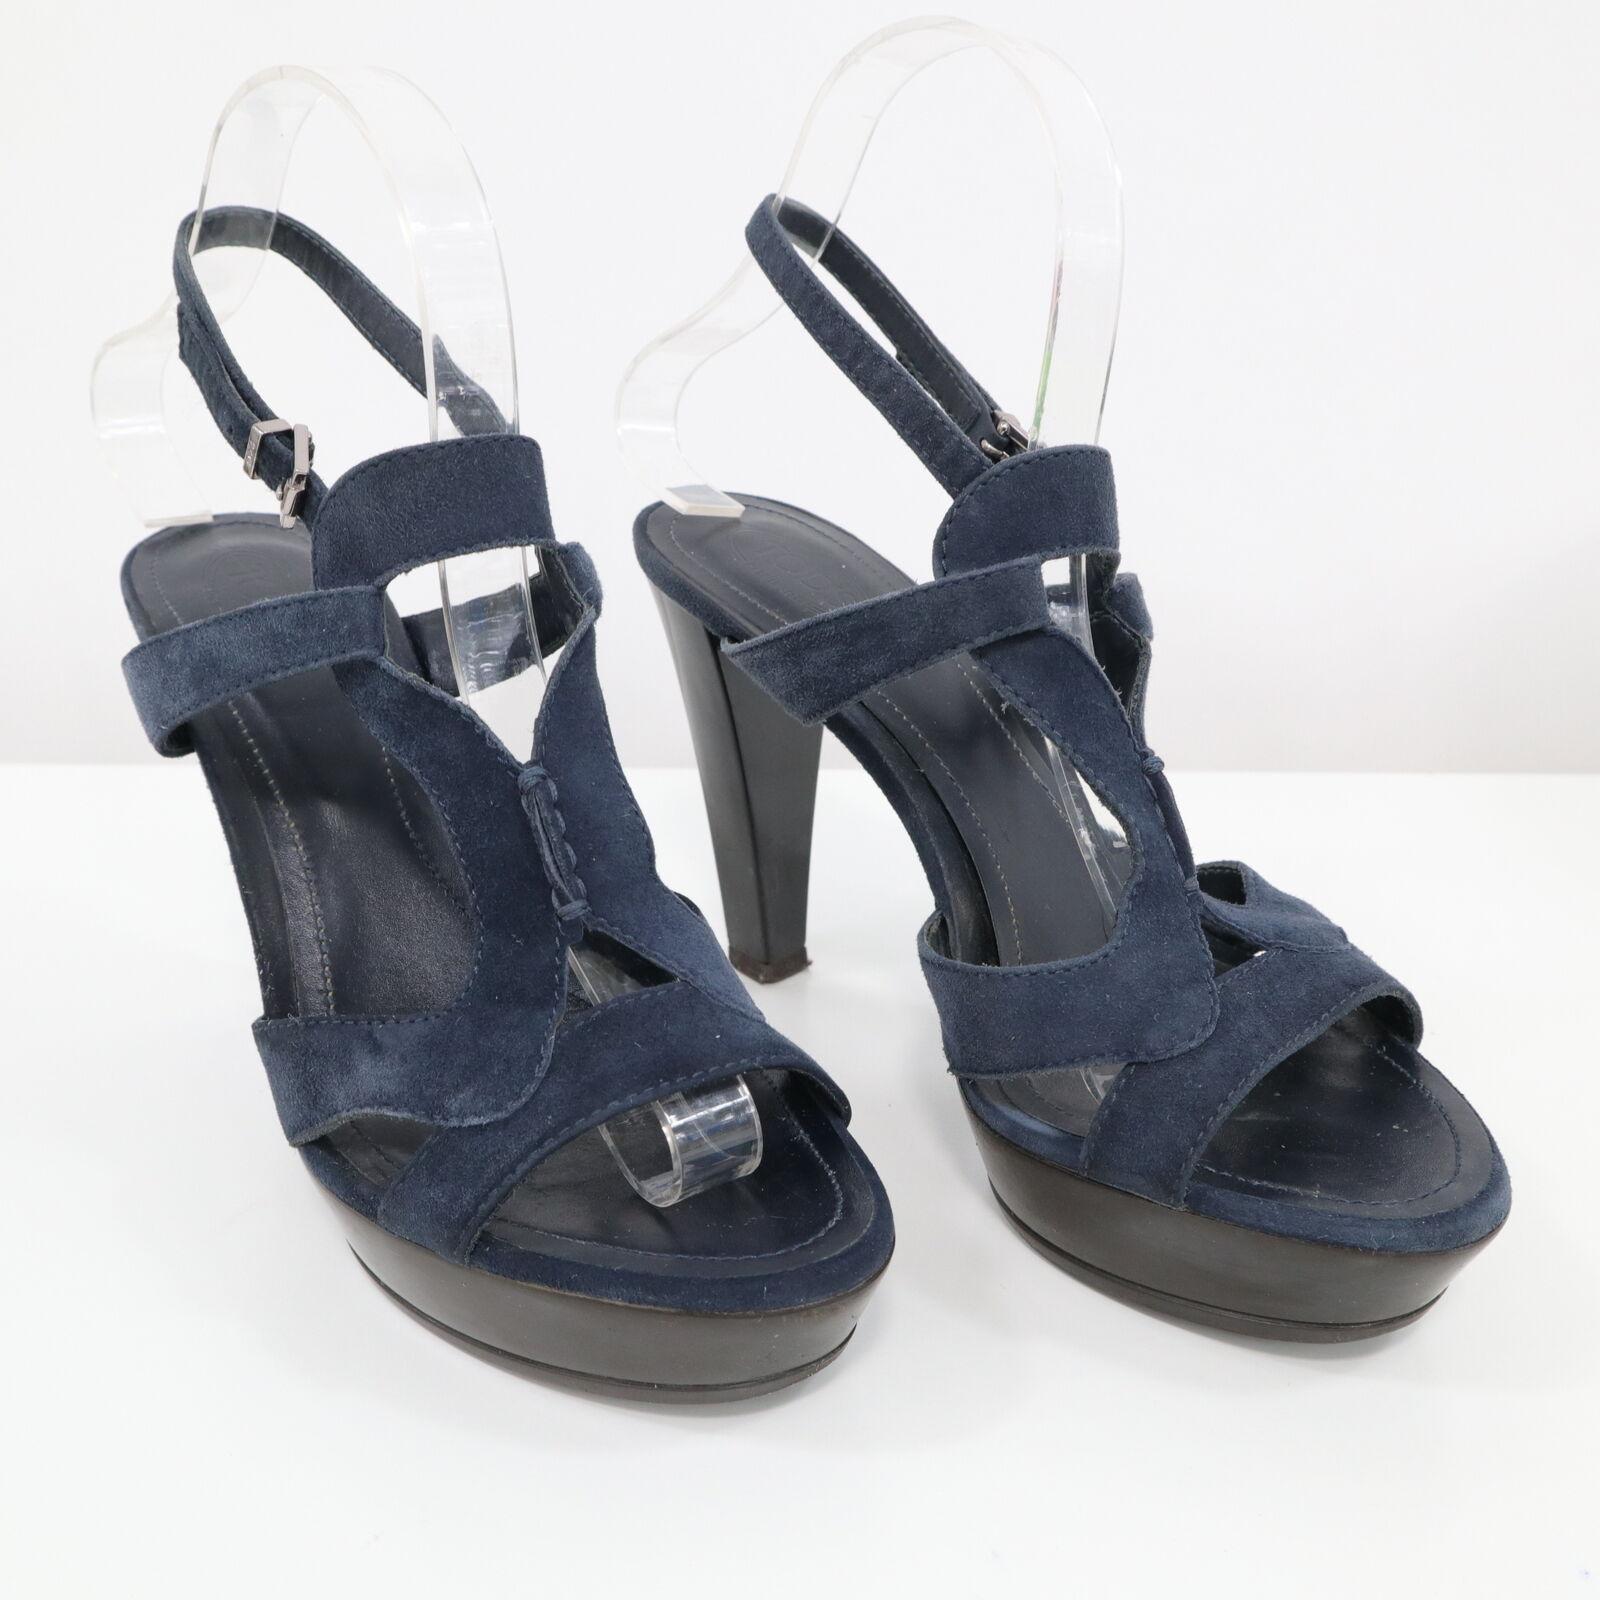 Tods Platform Sandals kvinnor kvinnor kvinnor 6.5   37 Navy blå mocka Strappy Chunky Heel  de senaste modellerna